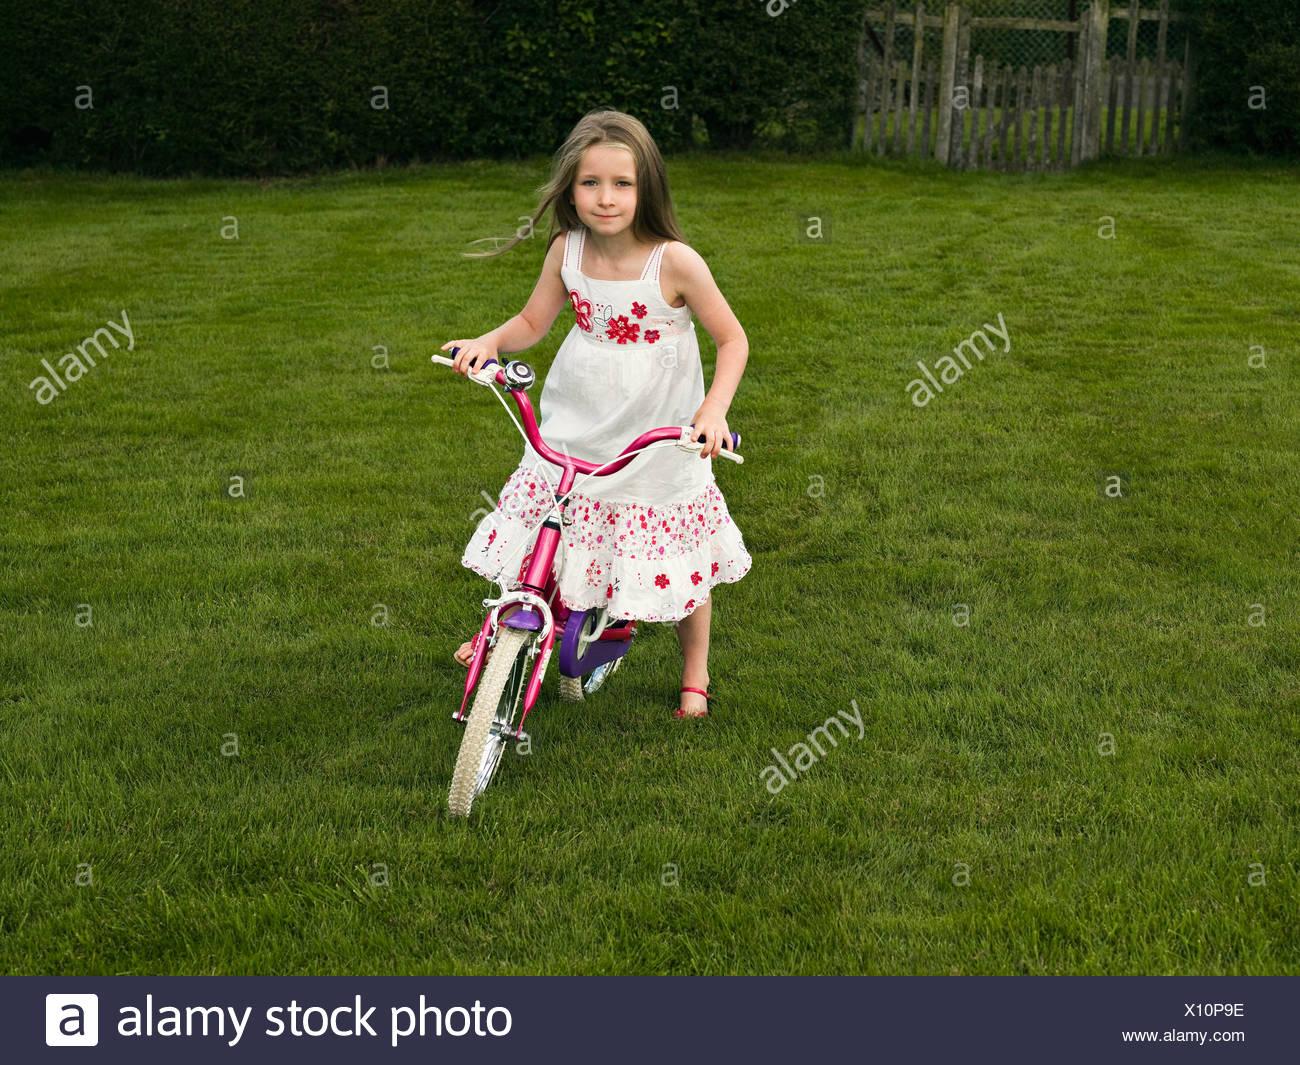 Una joven en bicicleta Foto de stock